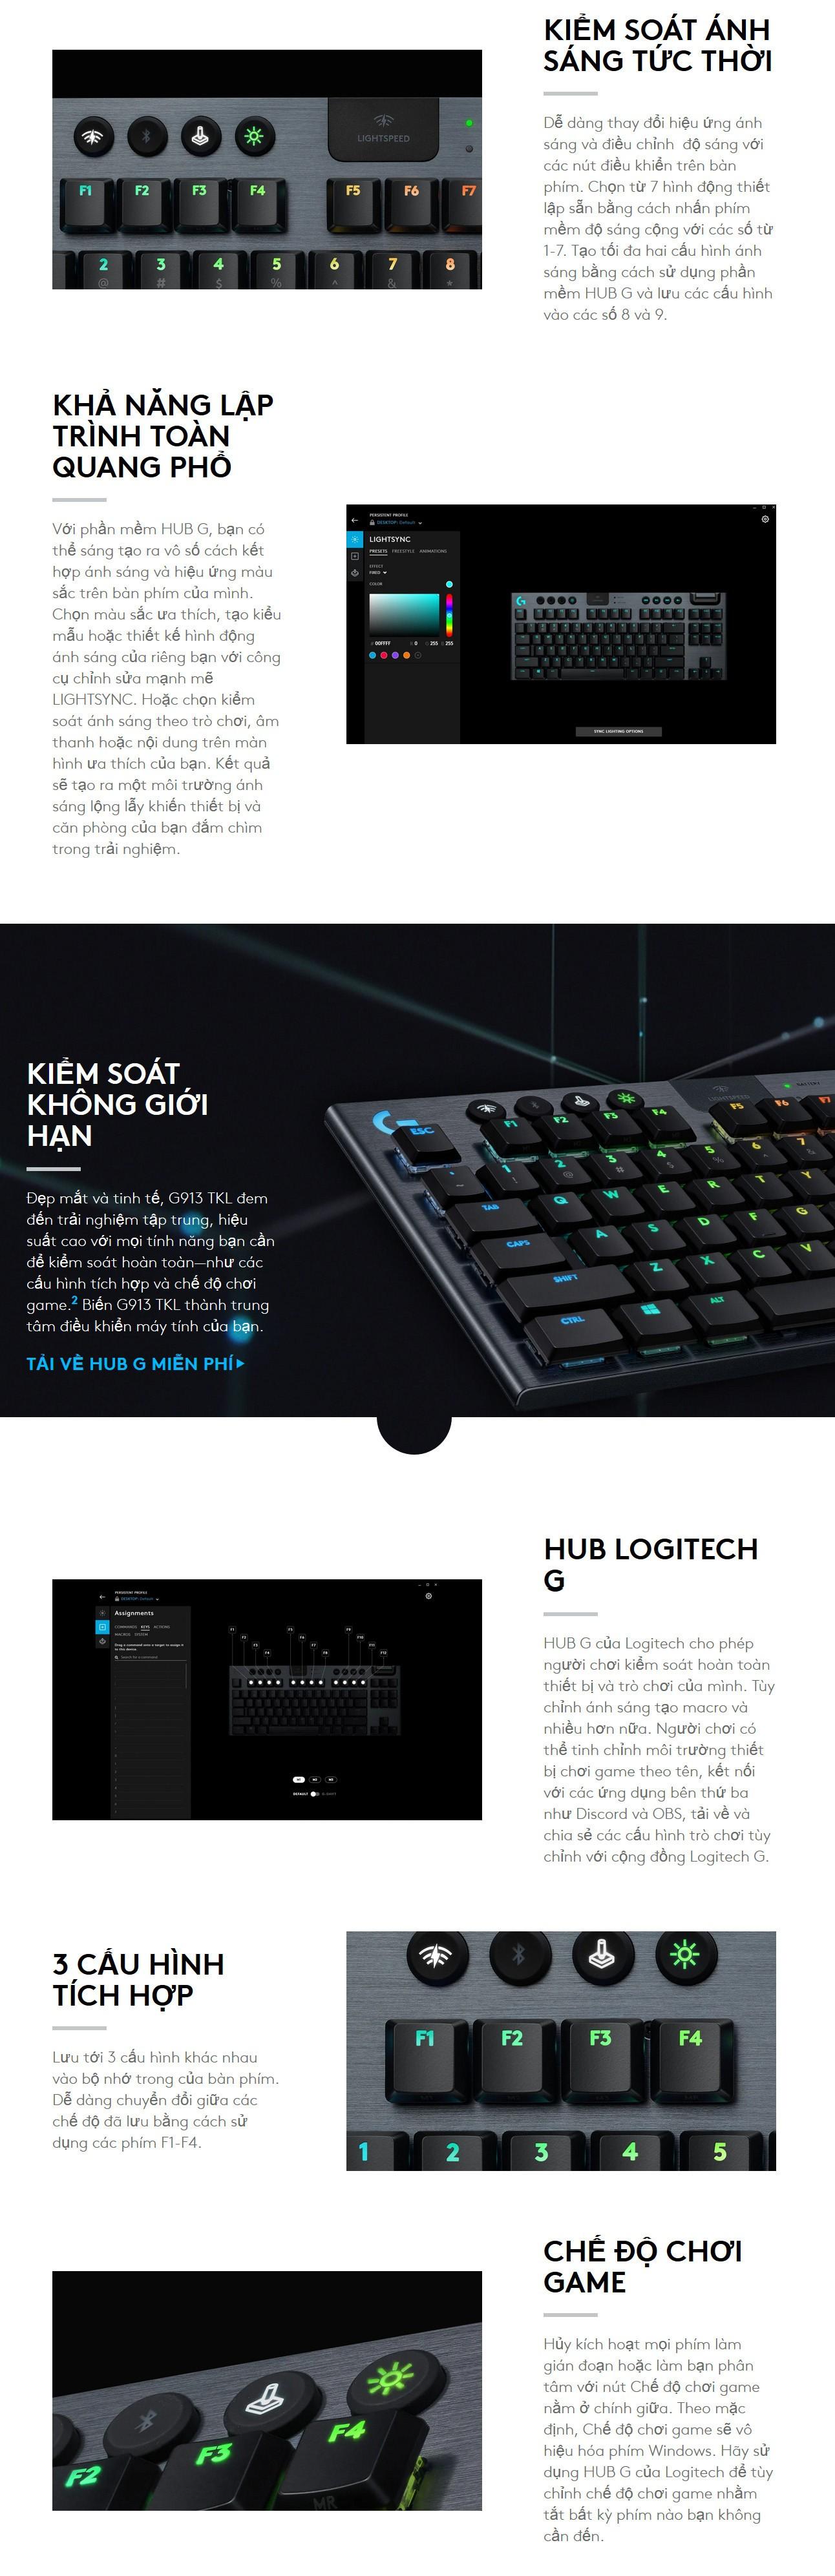 Logitech G913 TKL mang đến công nghệ LIGHTSYNC RGB